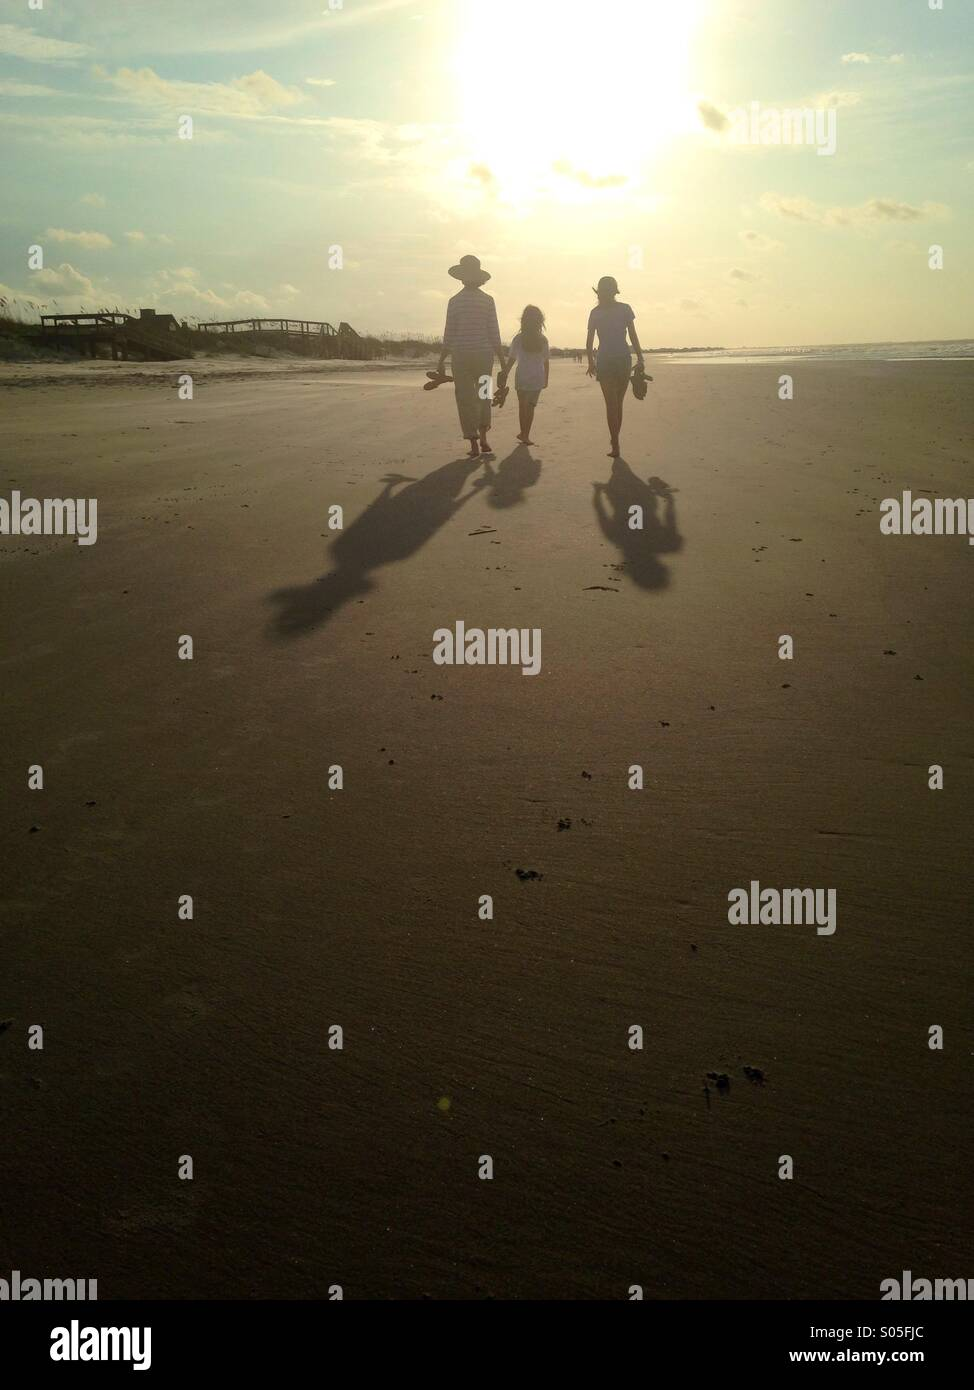 Le sagome di tre persone a piedi lungo la spiaggia nella luce del mattino. Immagini Stock